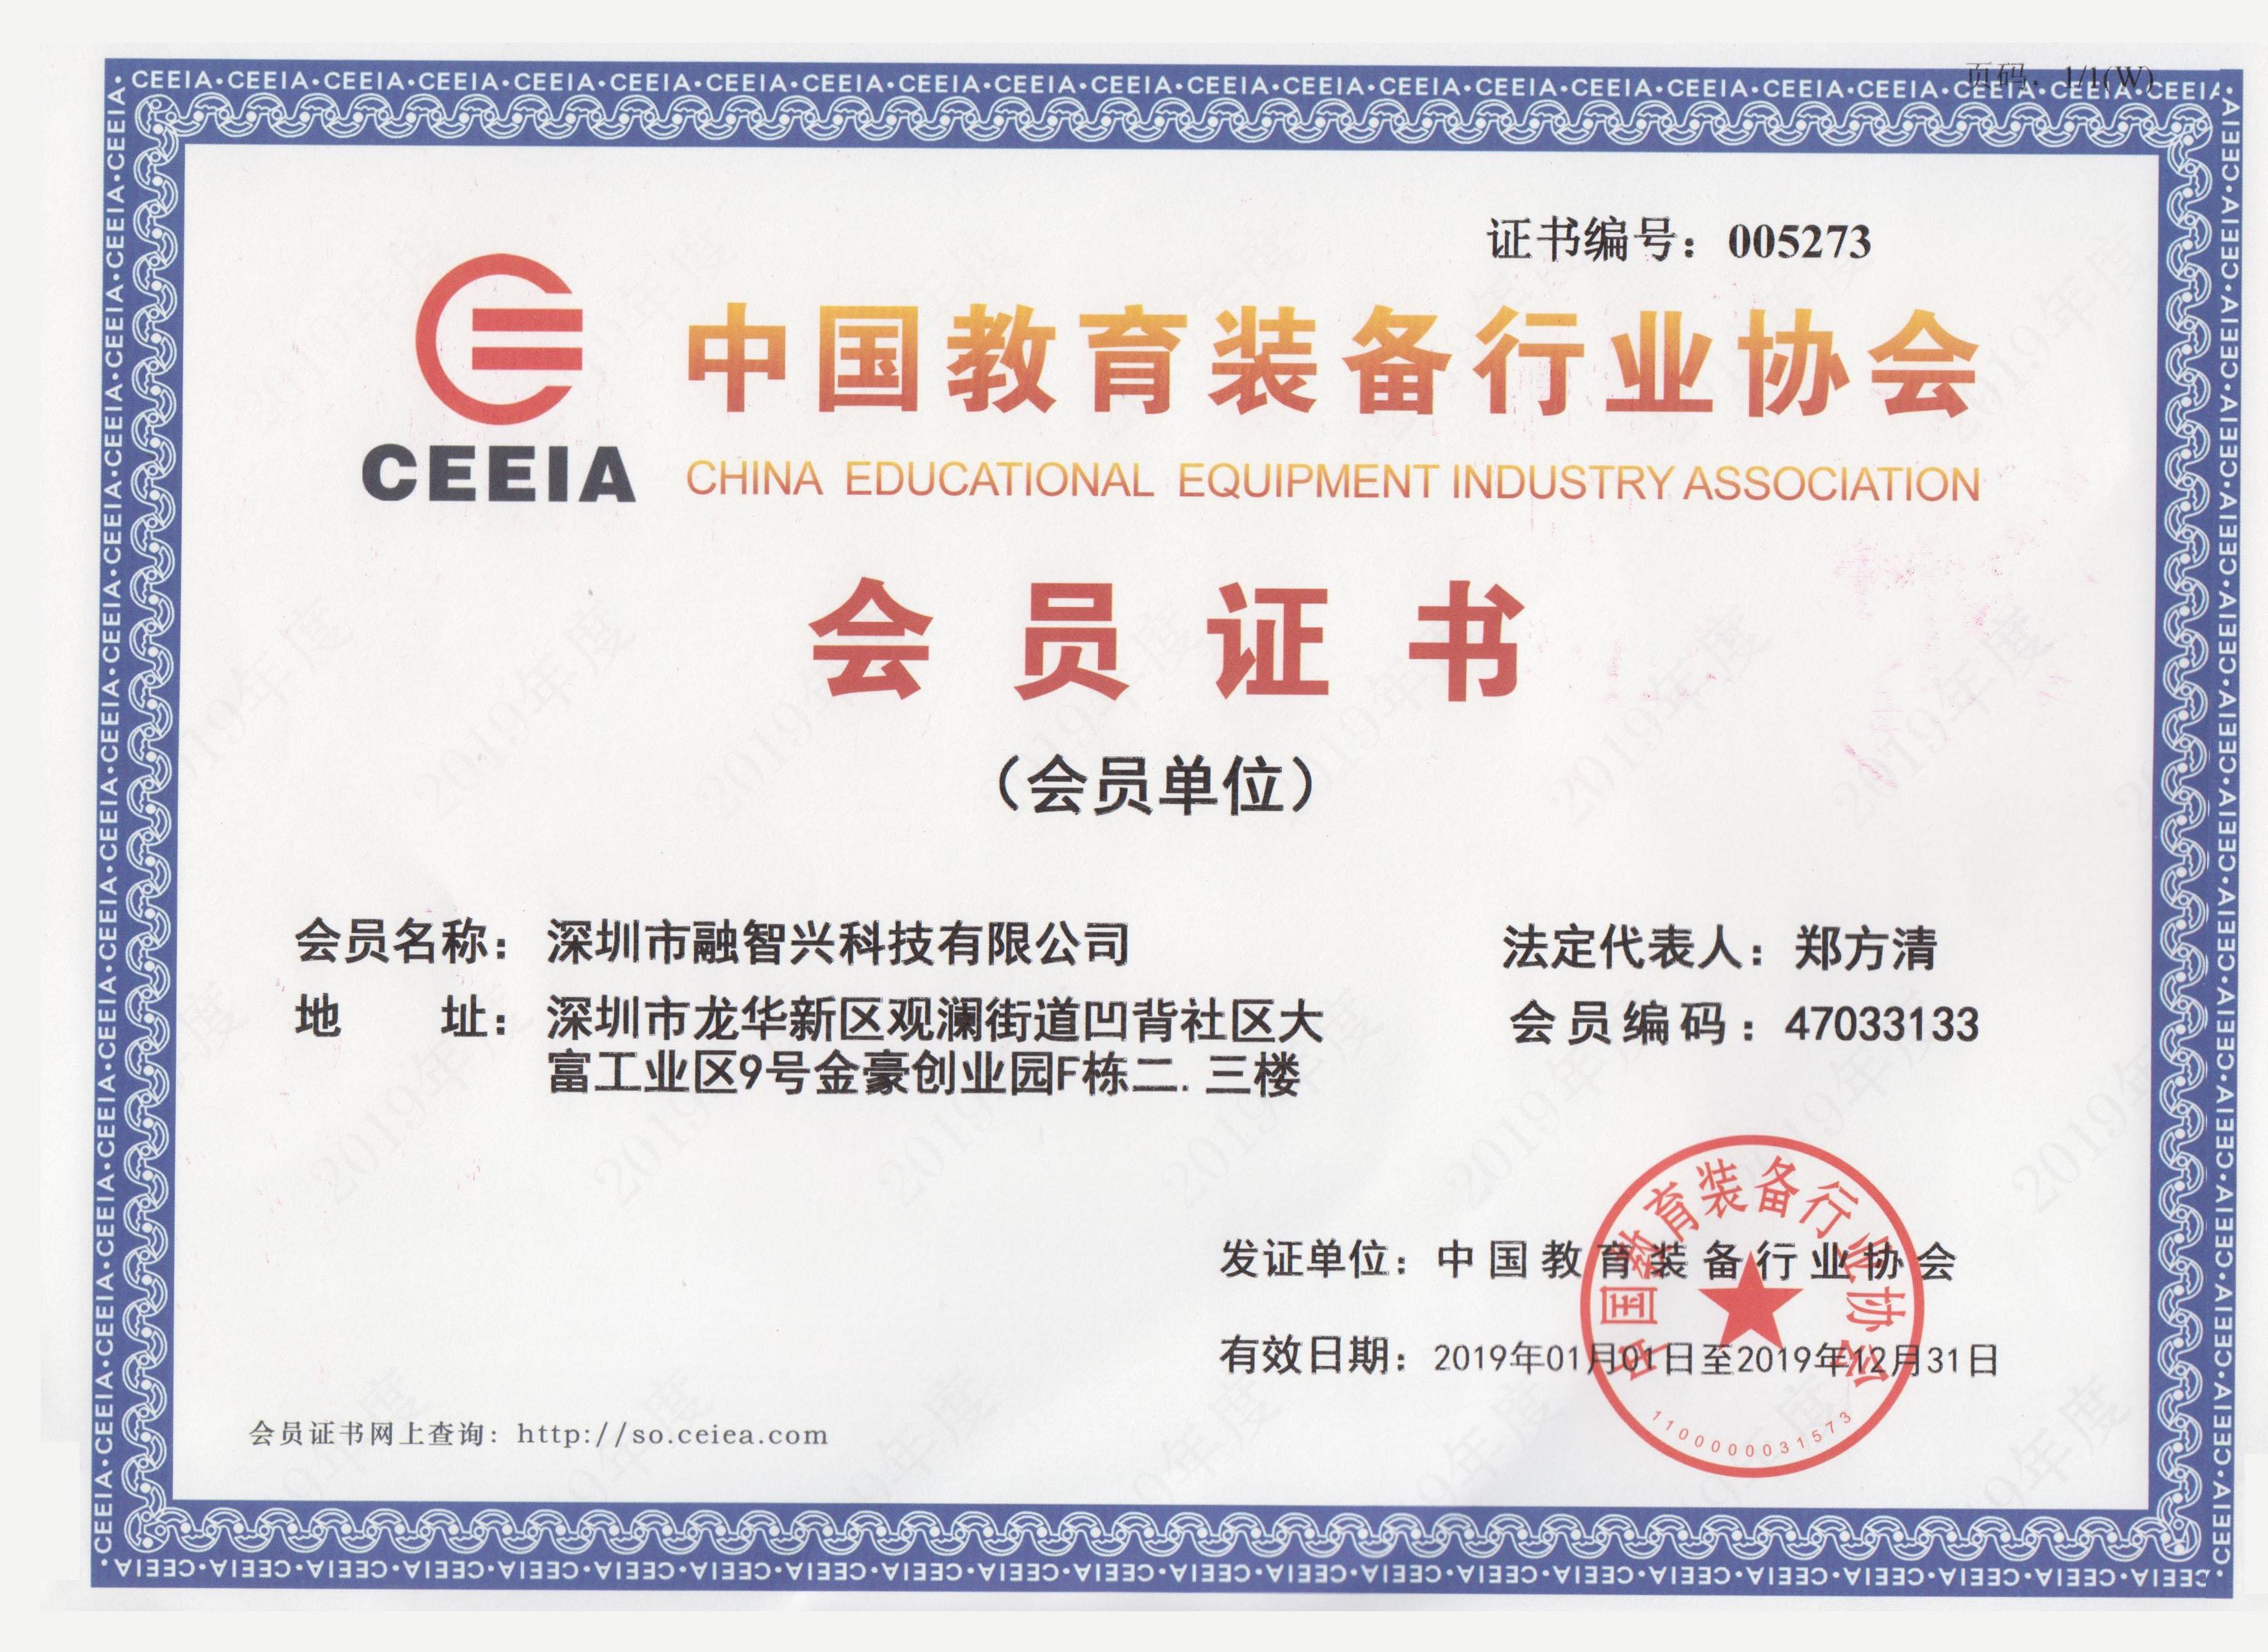 深圳市融智兴科技有限公司荣获中国教育装备行业协会会员证书